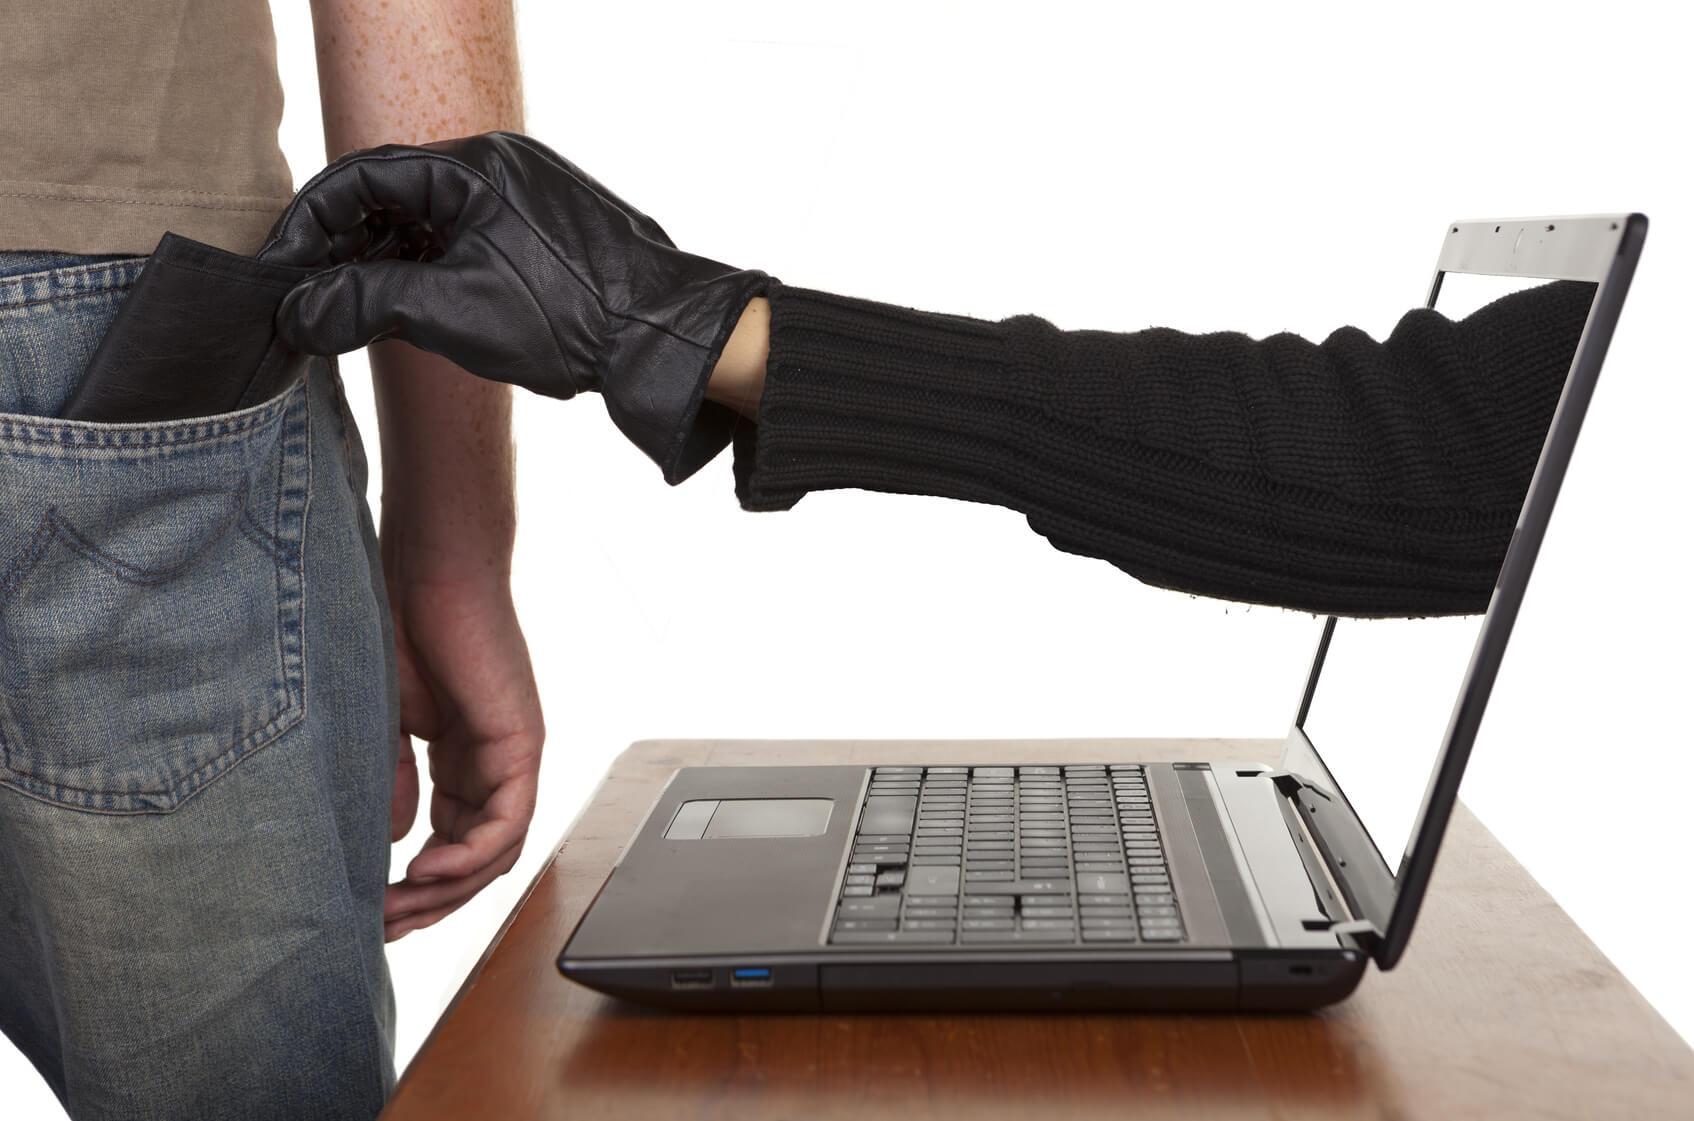 banque sécurité internet